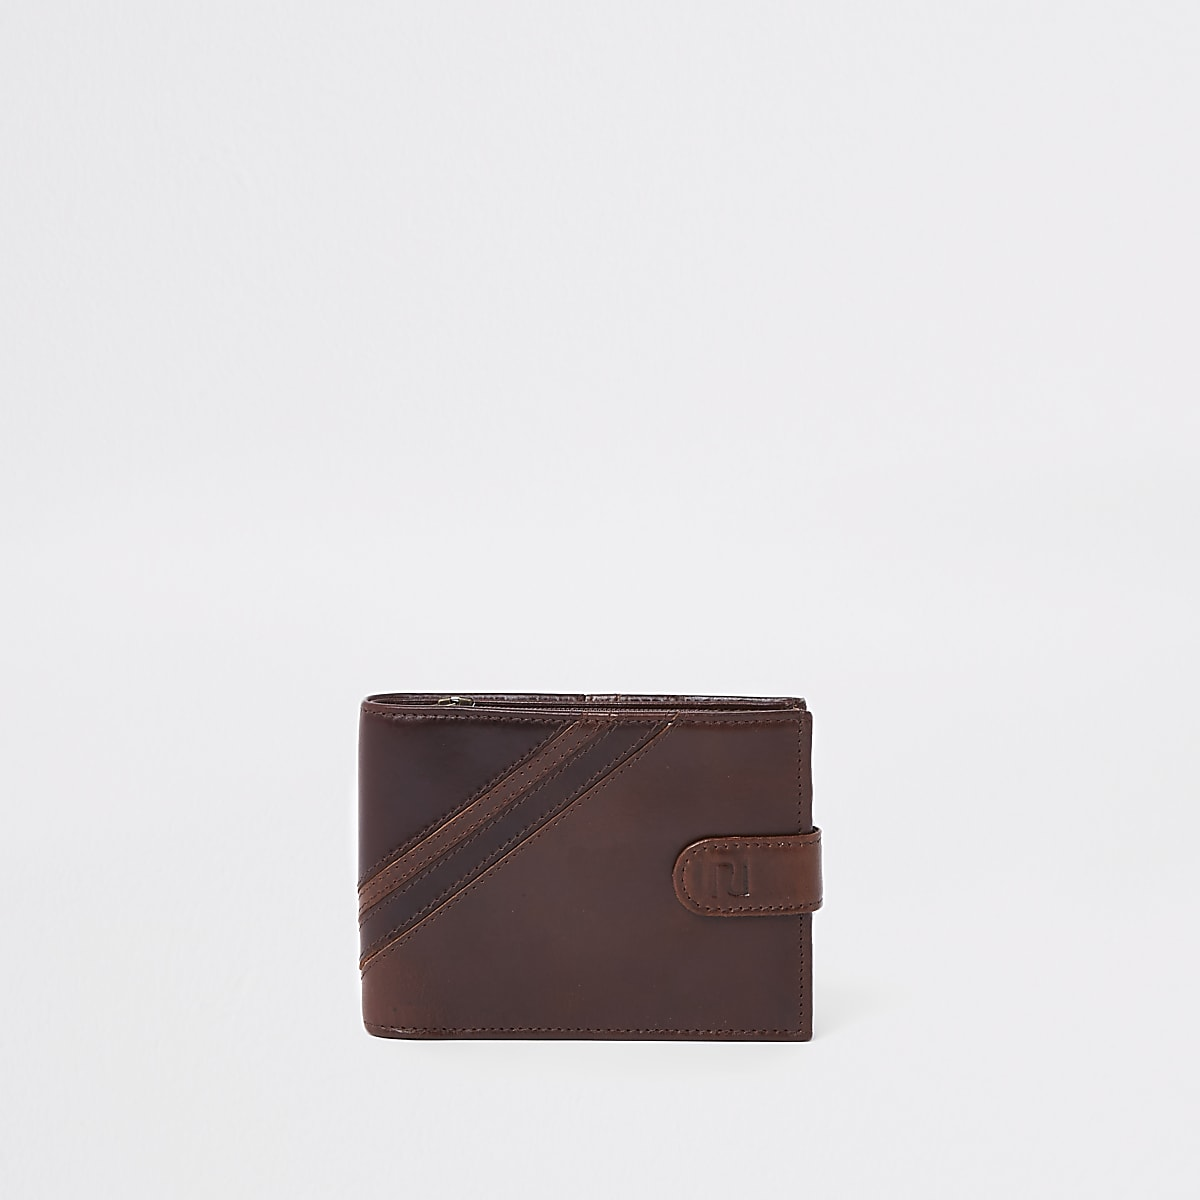 Braune, gestreifte Geldbörse aus Leder